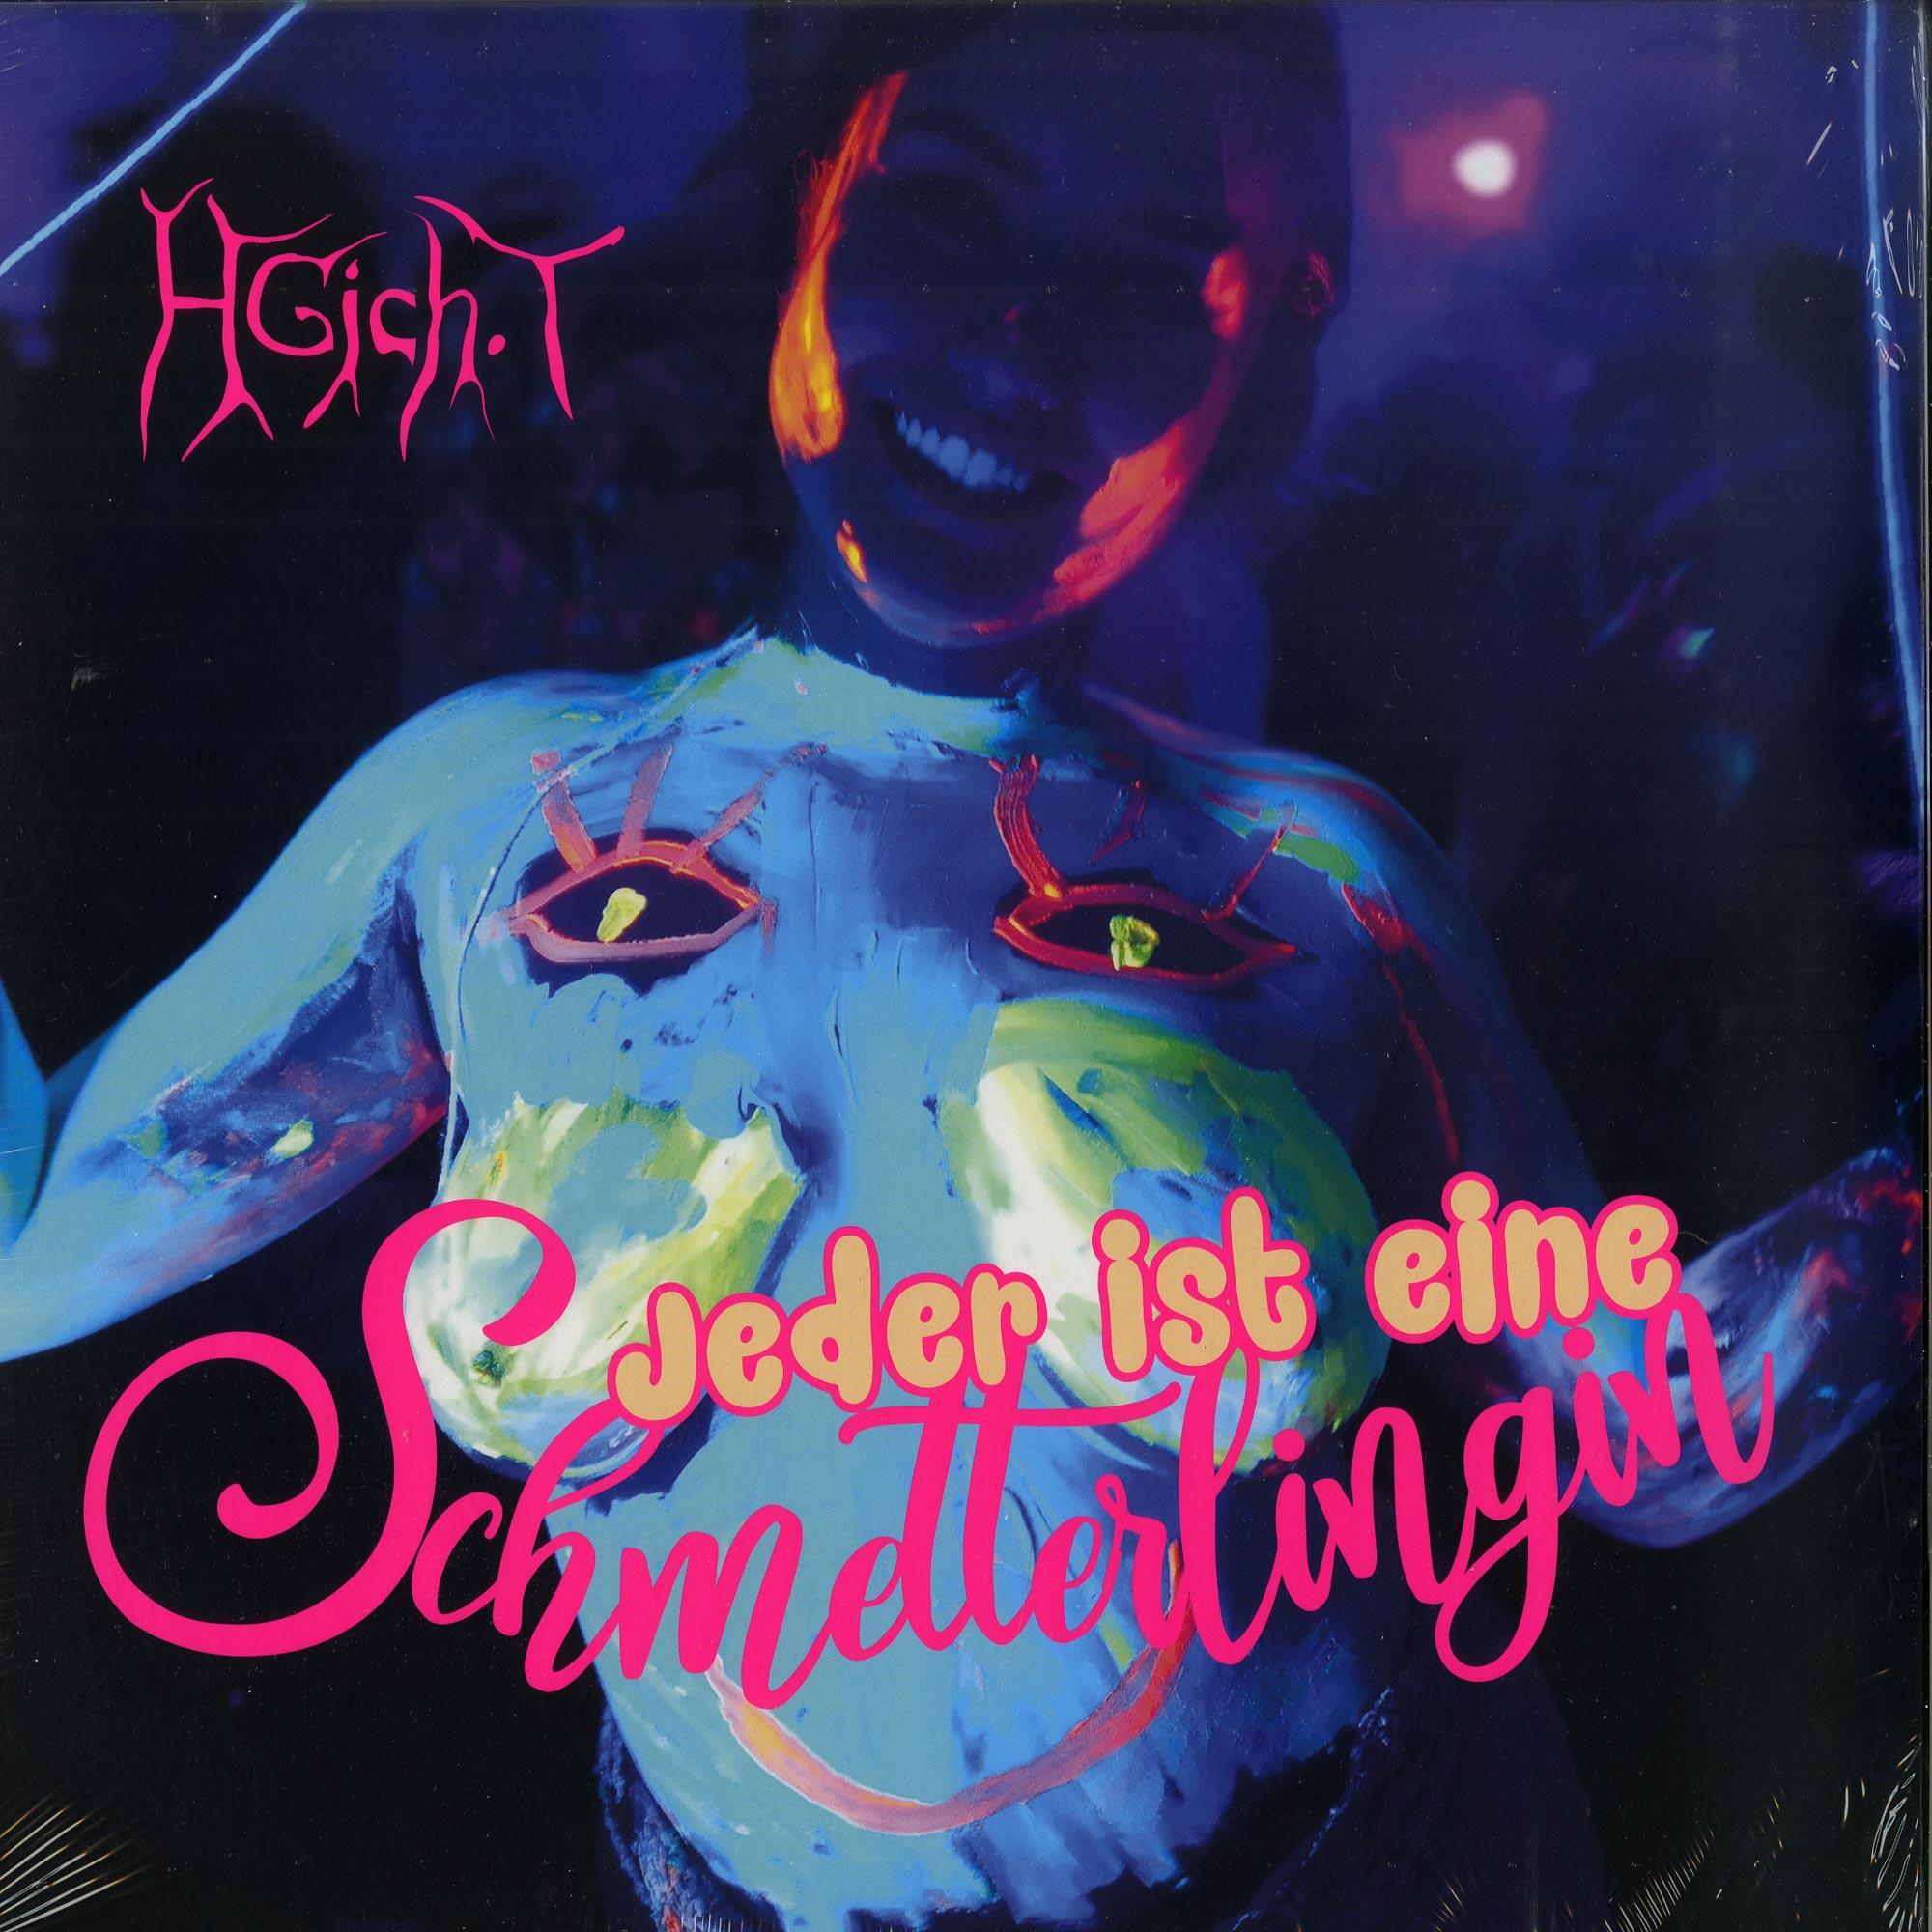 HGich.T - JEDER IST EINE SCHMETTERLINGIN